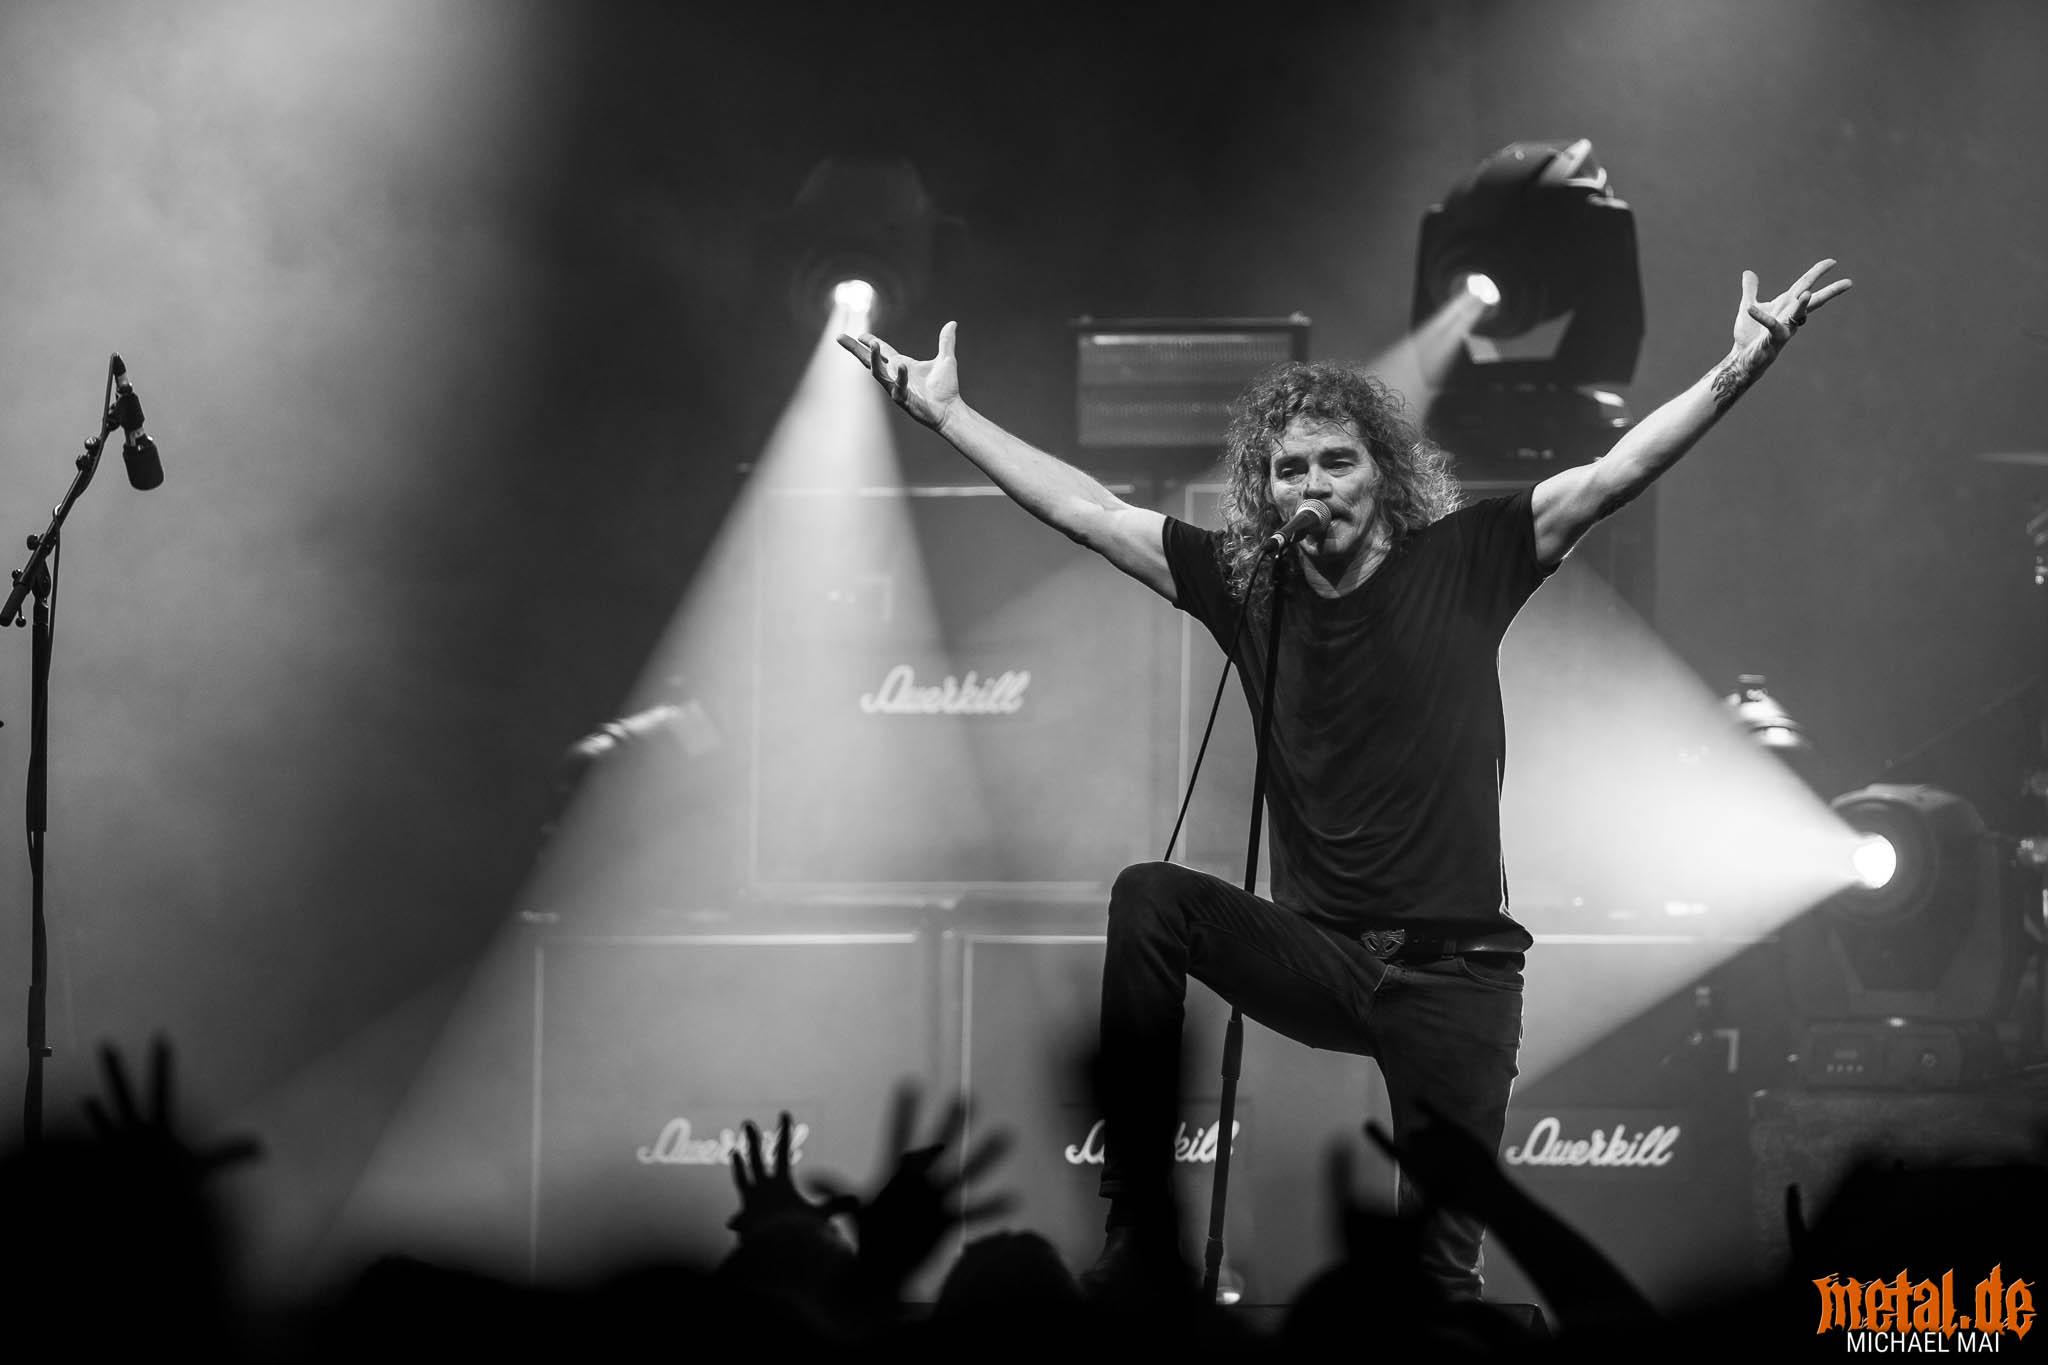 Konzertfoto von Overkill auf der Killfest Tour 2019